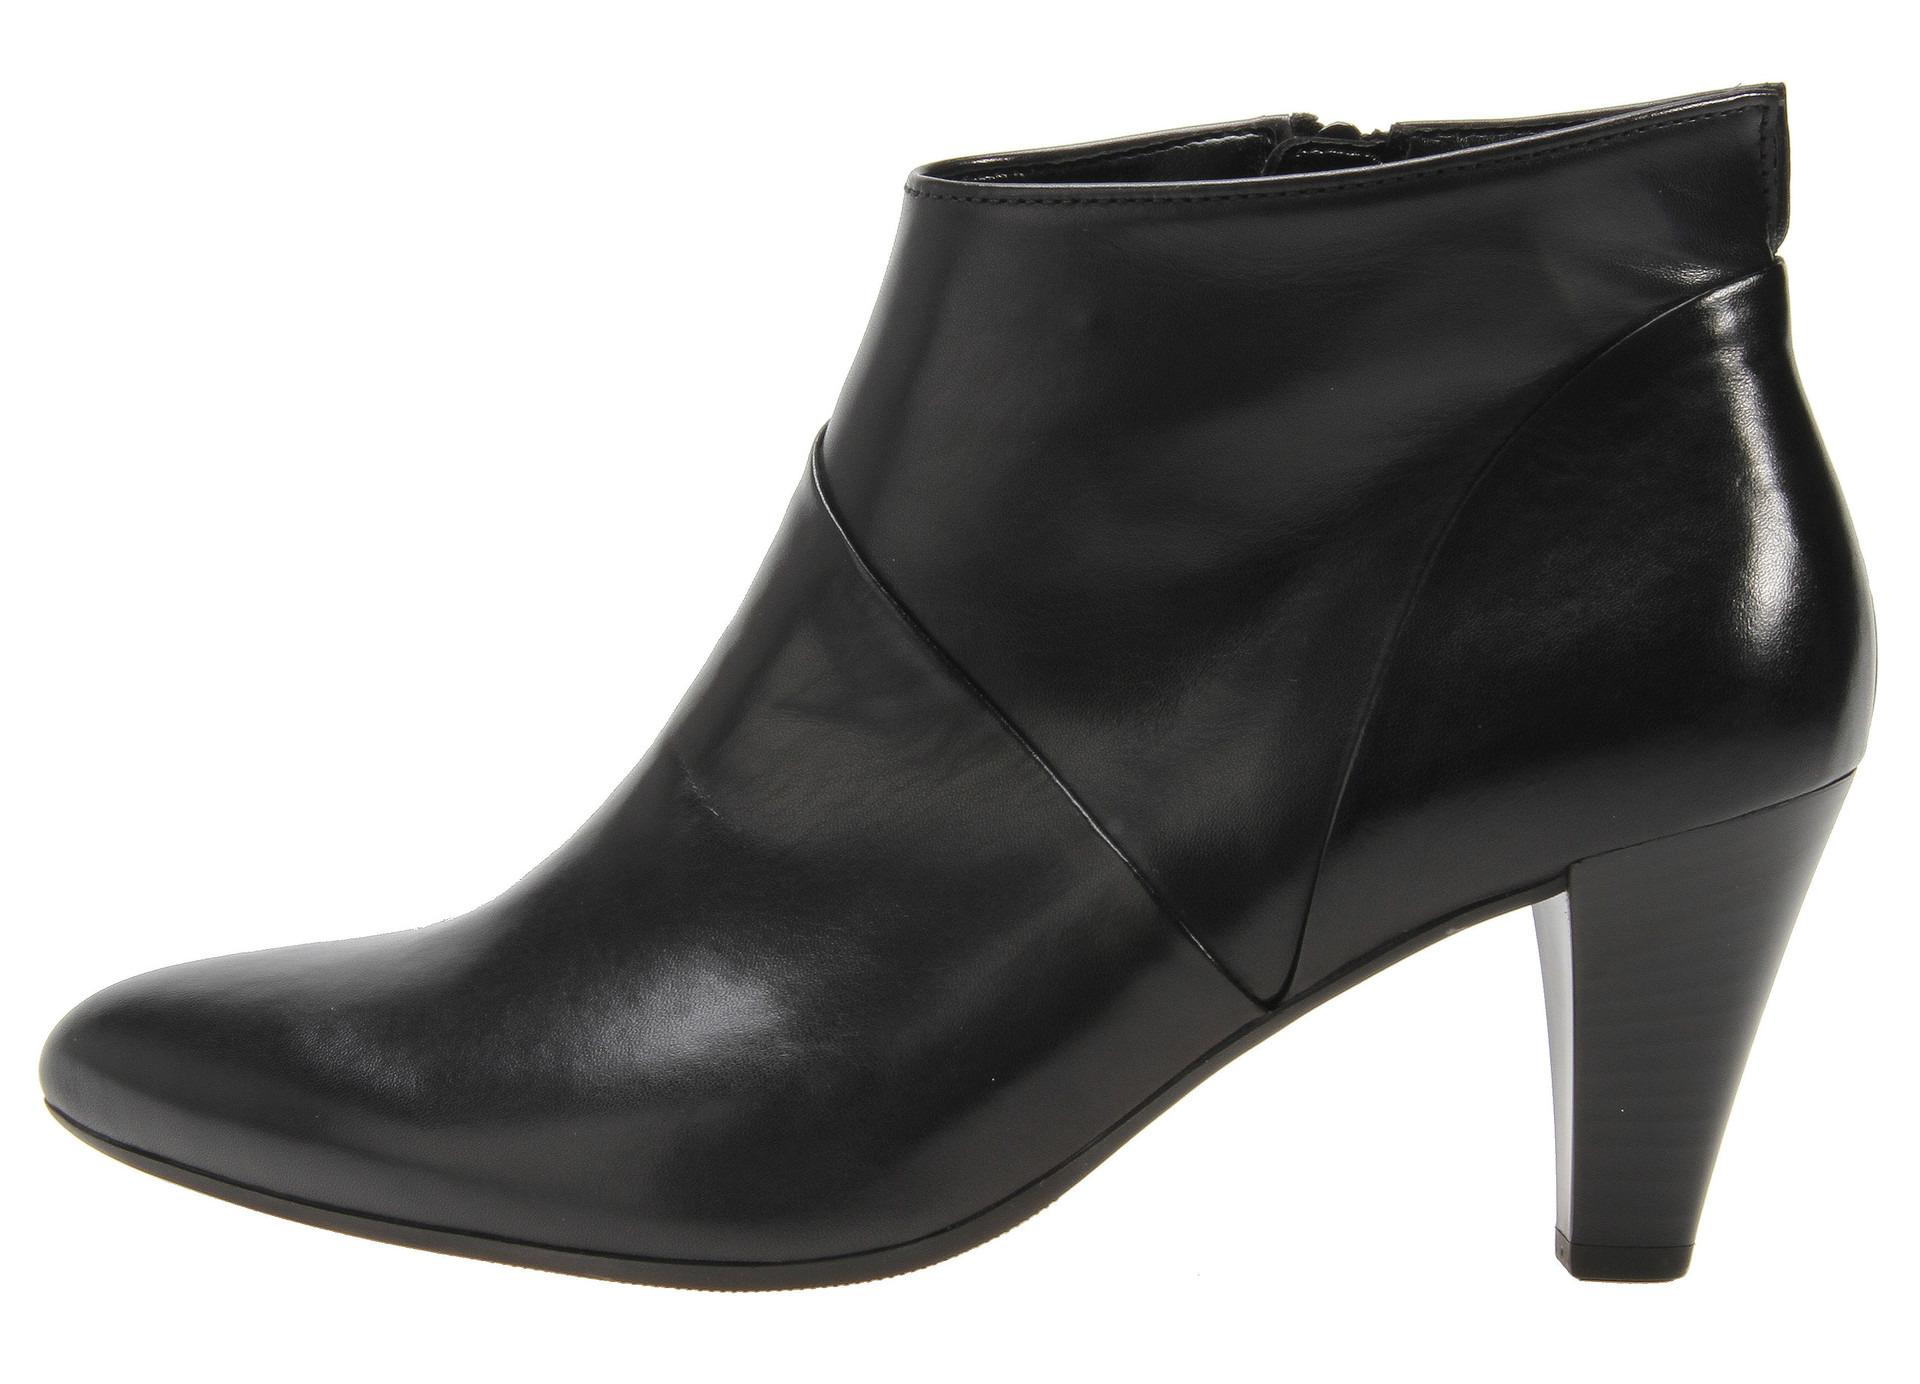 Soňa - Dámska obuv - Kotníčky - Čierne kožené členkové topánky na ... 8606b45ebeb